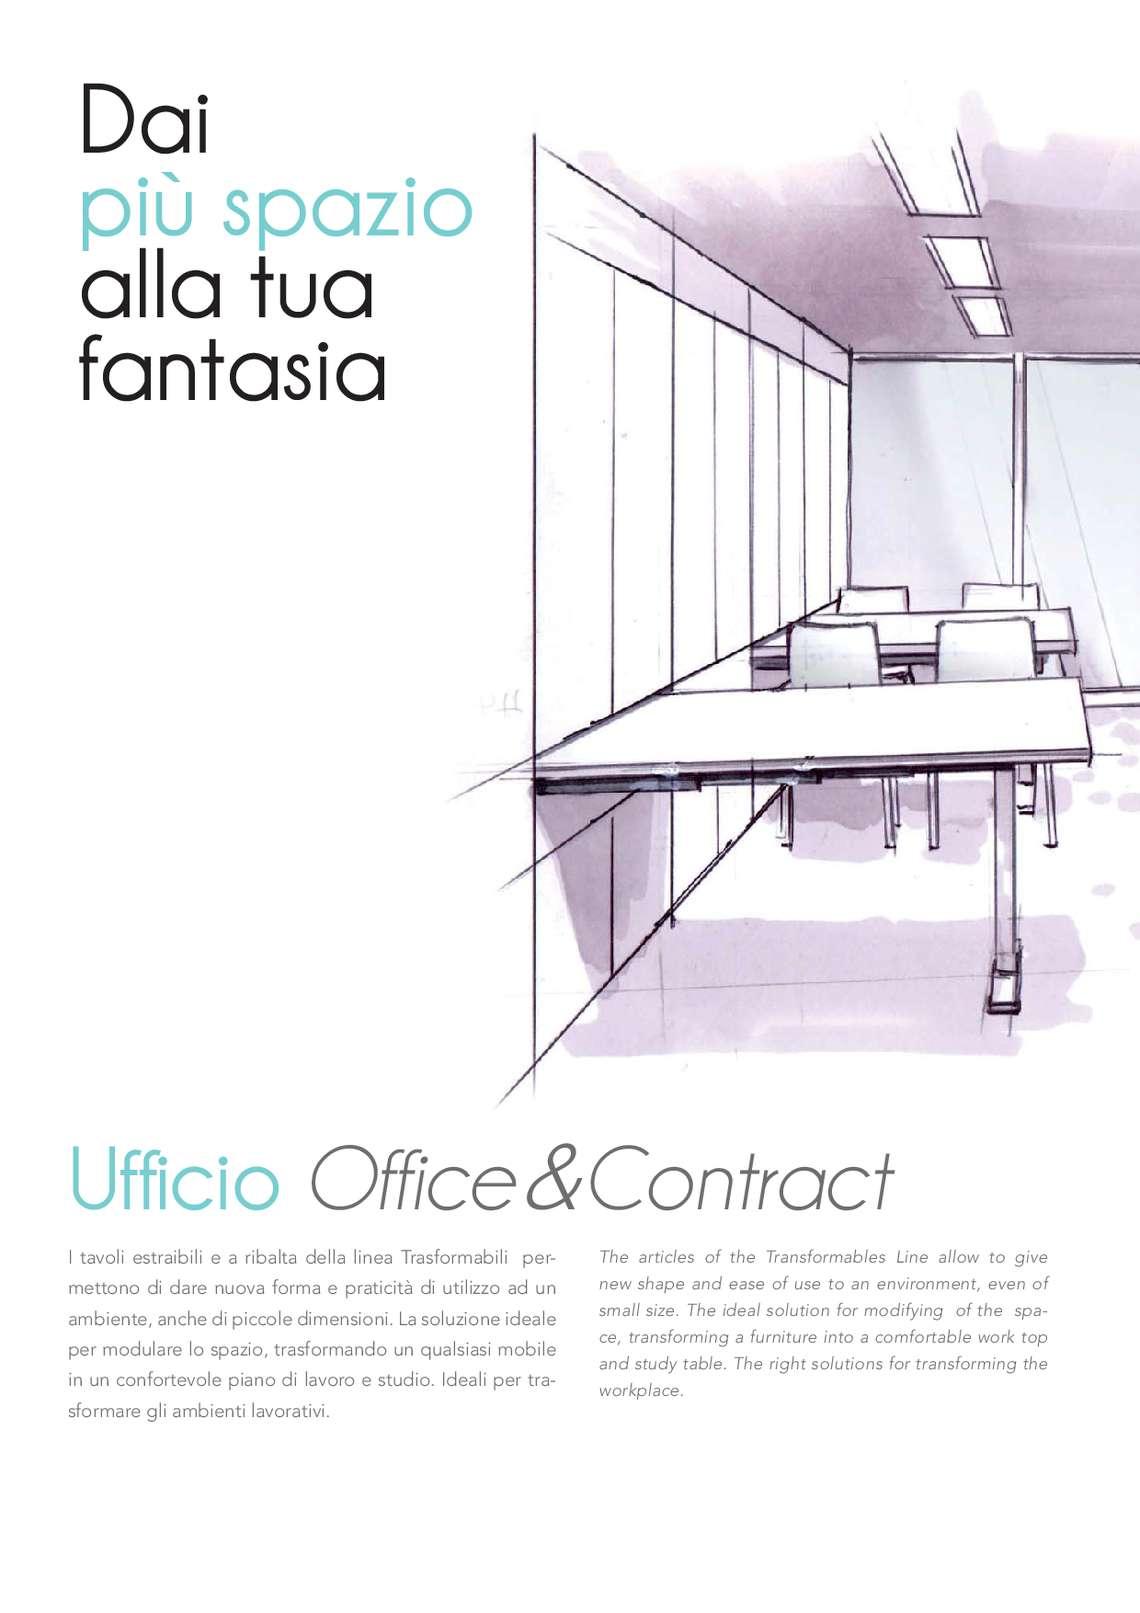 catalogo-trasformabili-atim_22_091.jpg